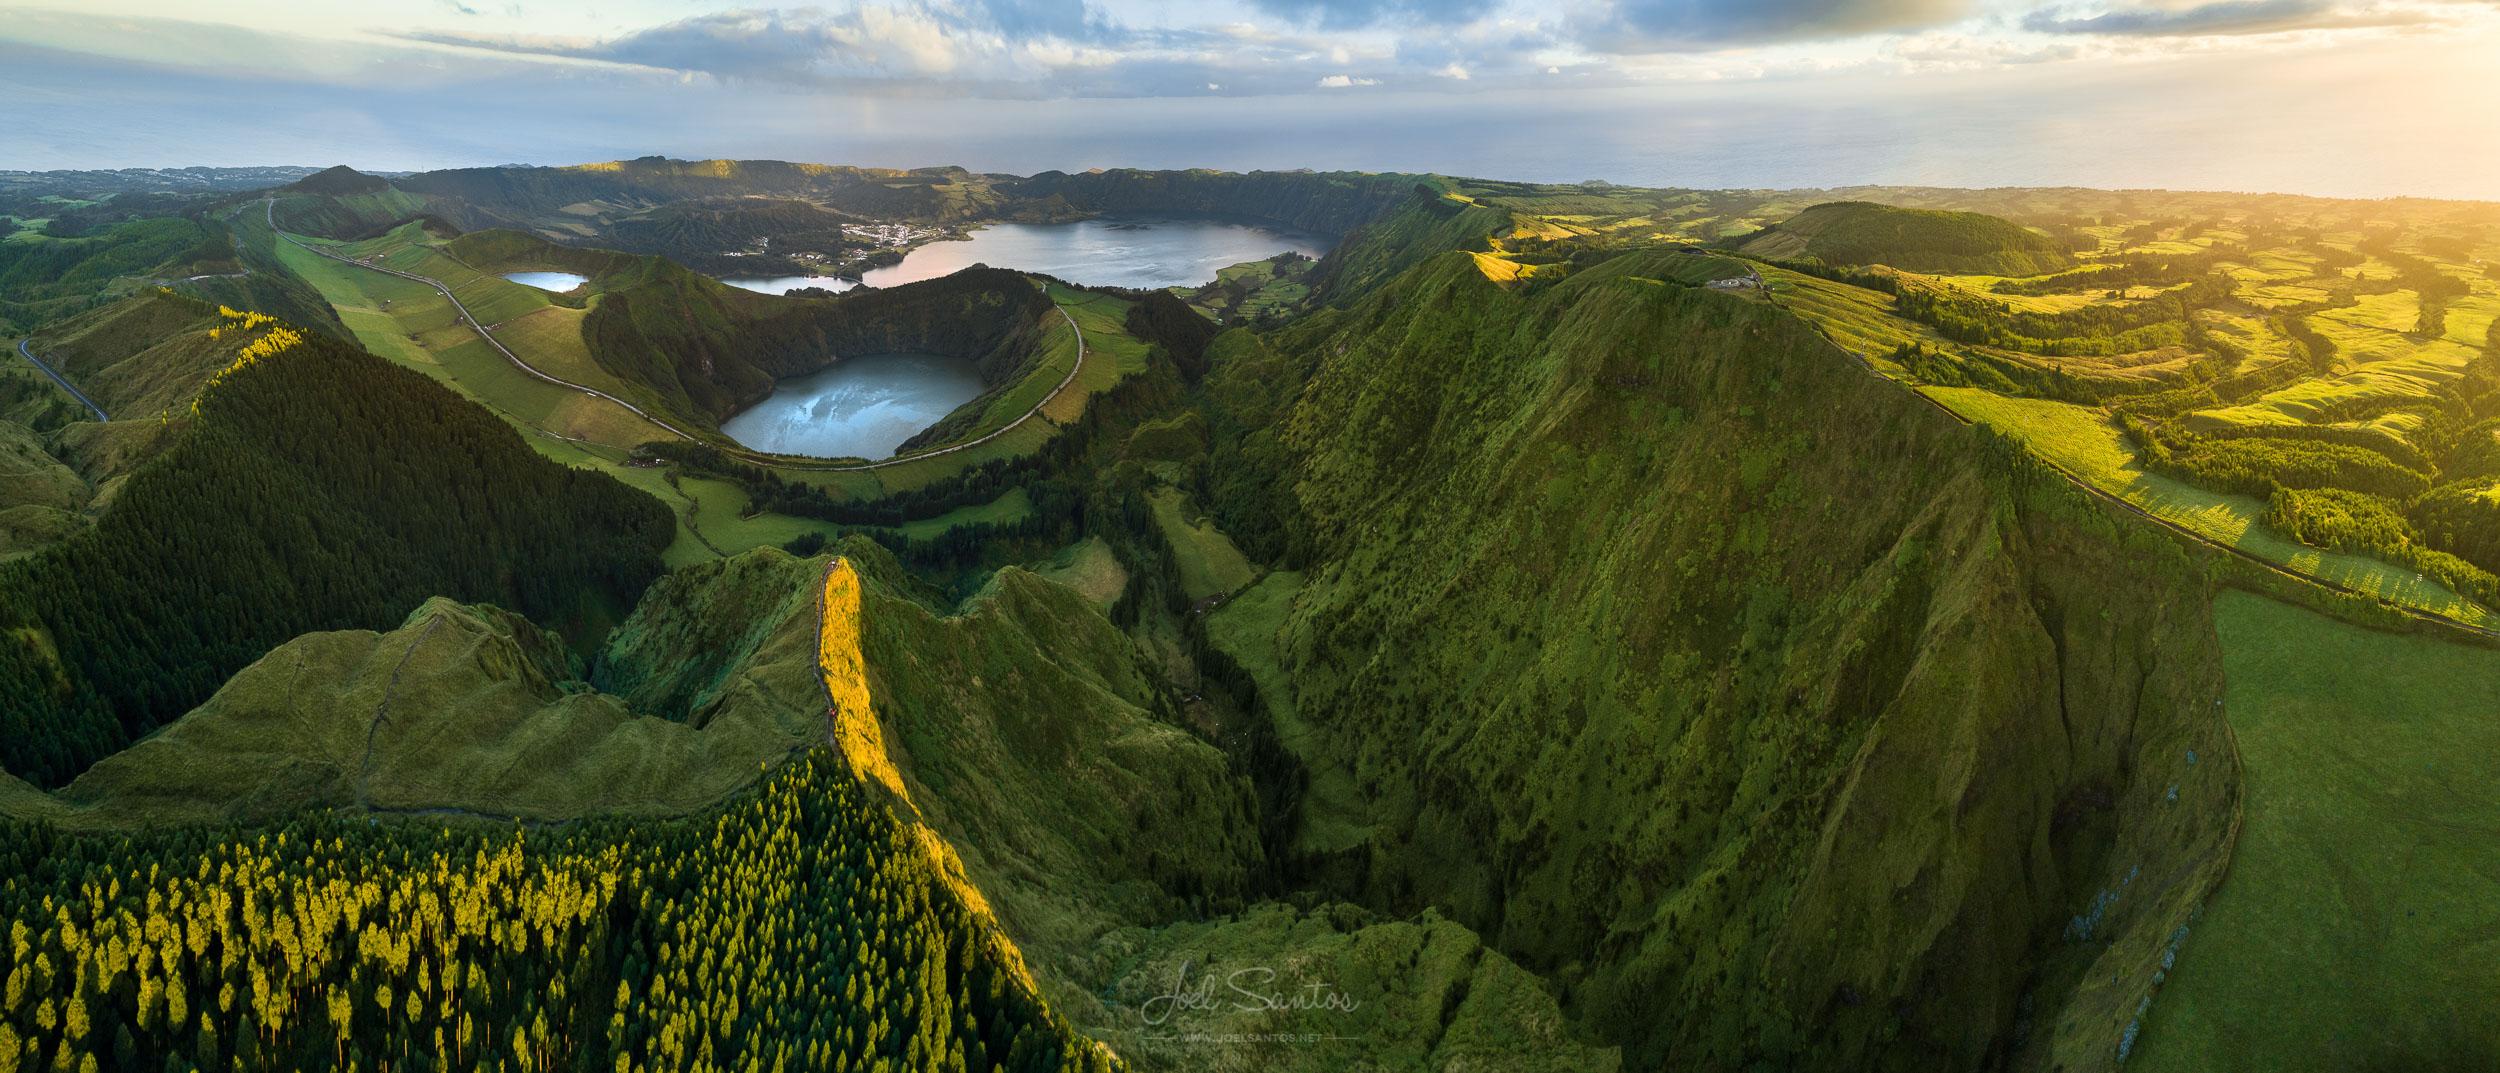 Boca do Inferno, São Miguel Island, Azores, Portugal